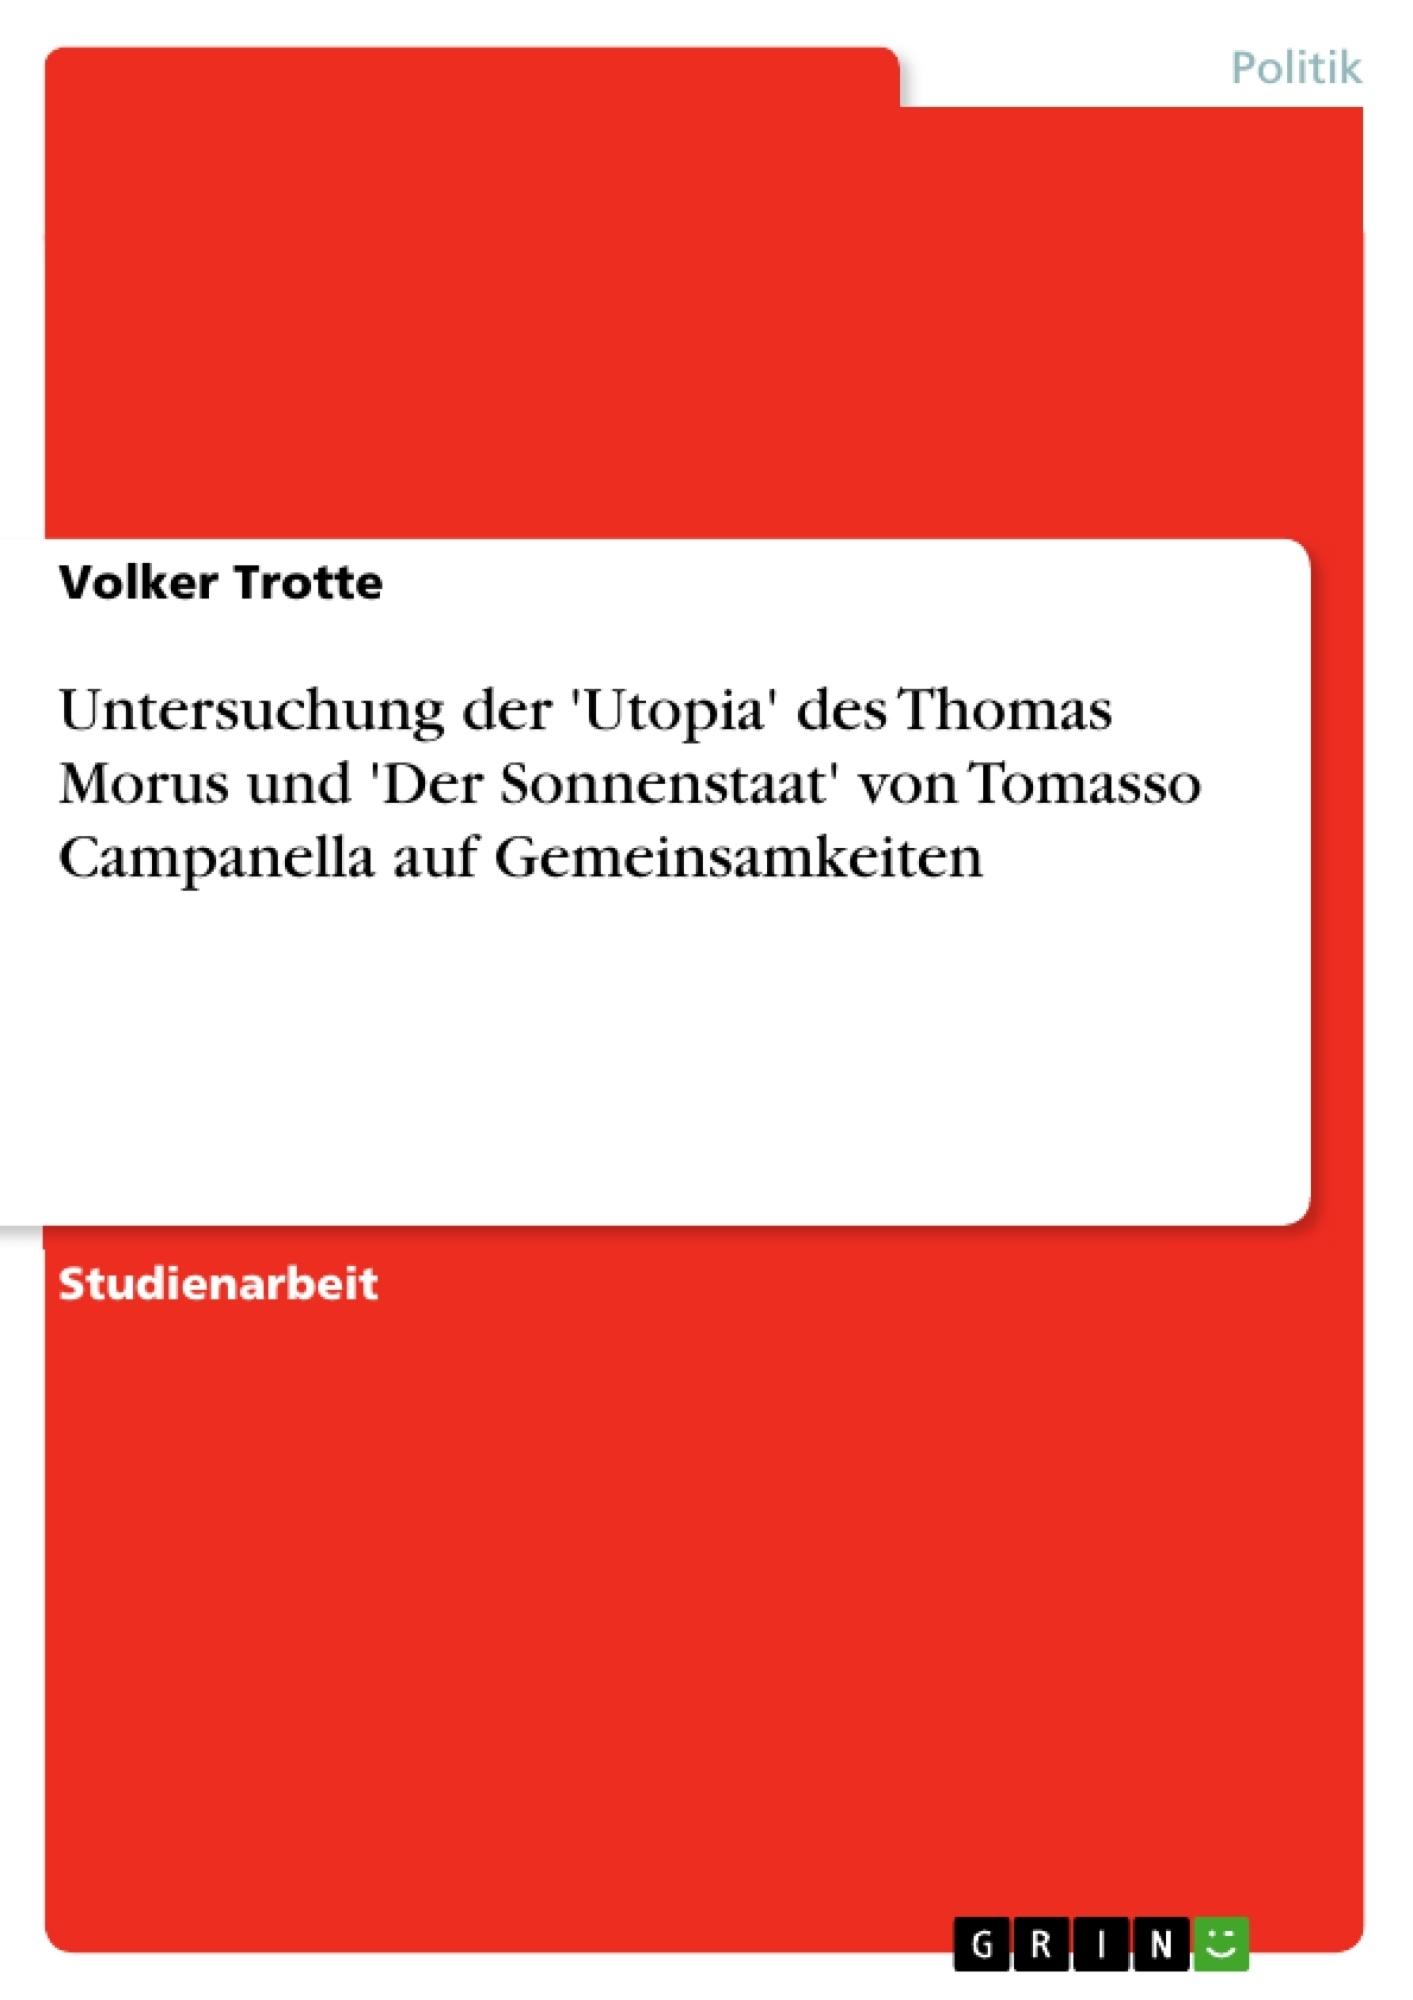 Titel: Untersuchung der 'Utopia' des Thomas Morus und 'Der Sonnenstaat' von Tomasso Campanella auf Gemeinsamkeiten